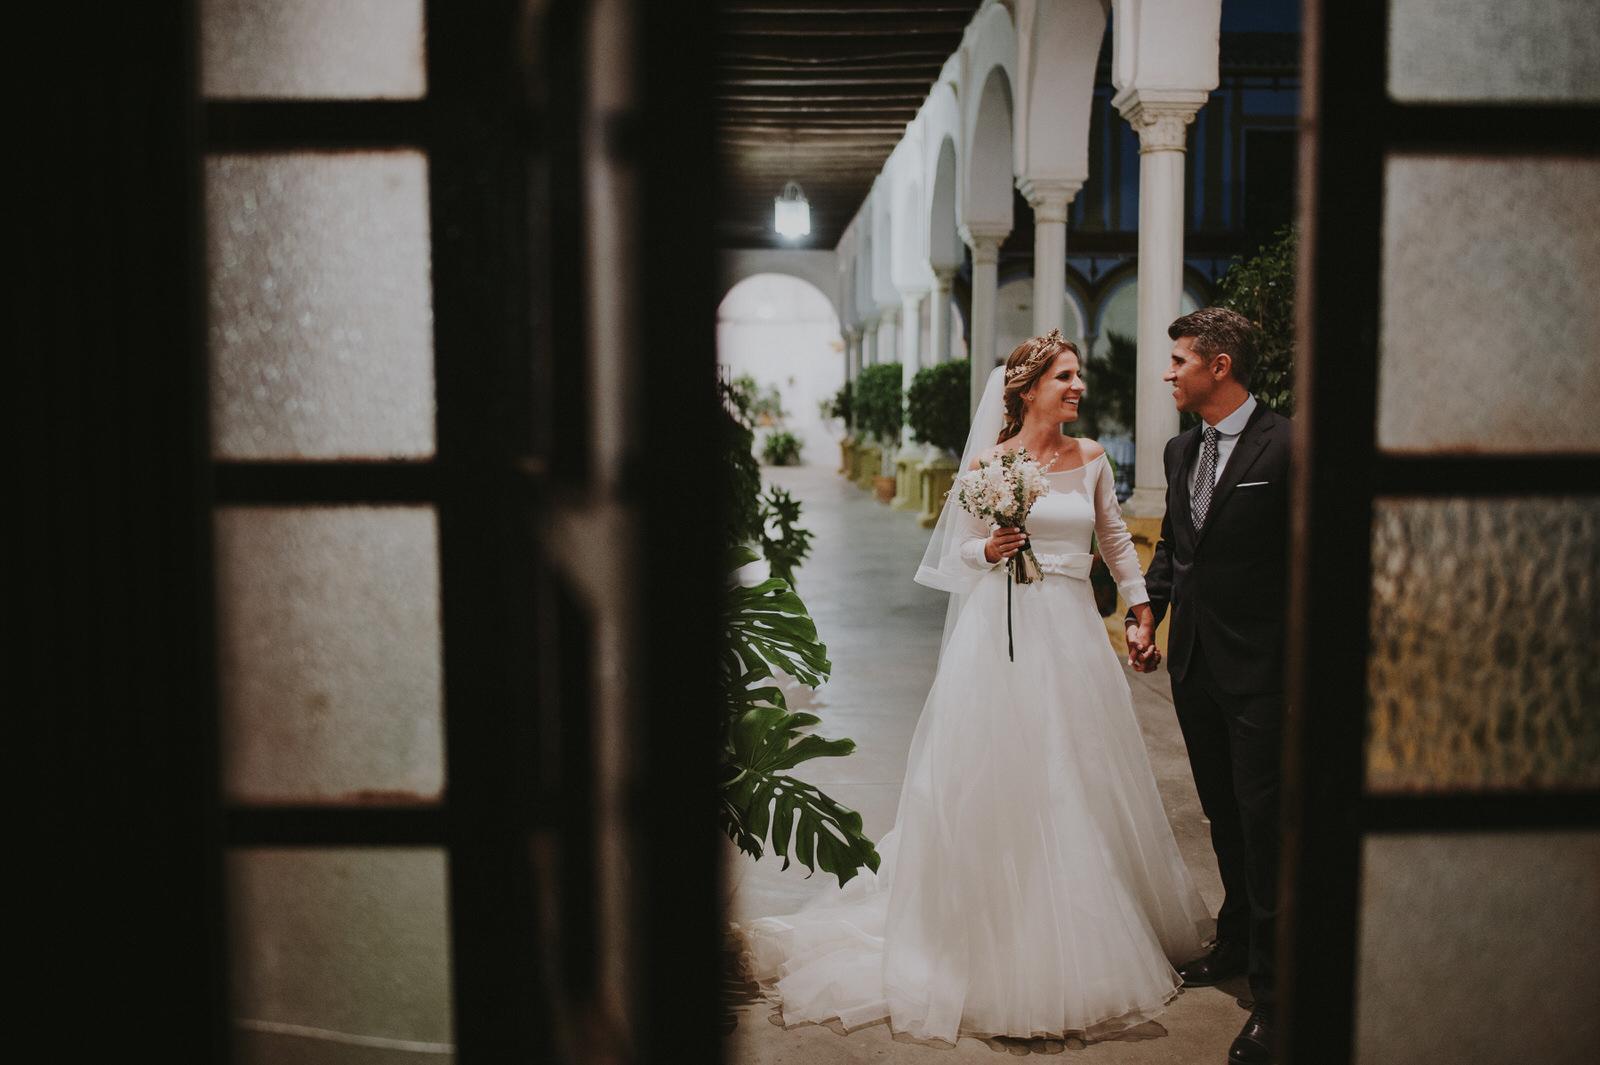 Ana & Antonio - Hacienda Rovira Utrera - Fotografo de boda Andres Amarillo.jpg